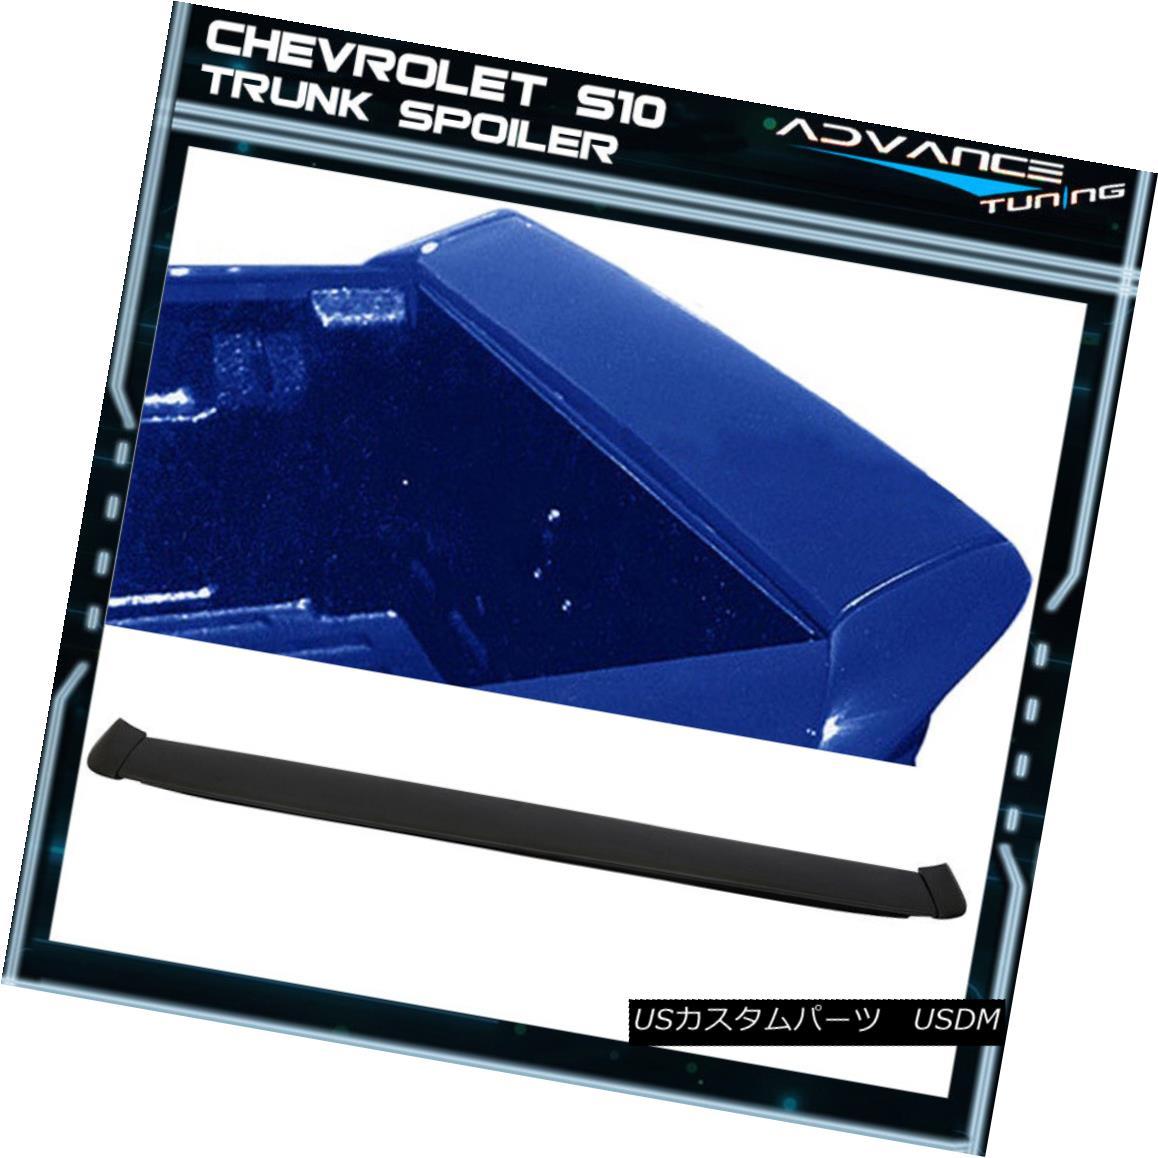 エアロパーツ Fits 94-03 Chevy S10 Sonoma WW Style Tailgate Trunk Spoiler 3PC - Polyurethane フィット94?03シボレーS10ソノマWWスタイルテールゲートトランクスポイラー3PC - ポリウレタン